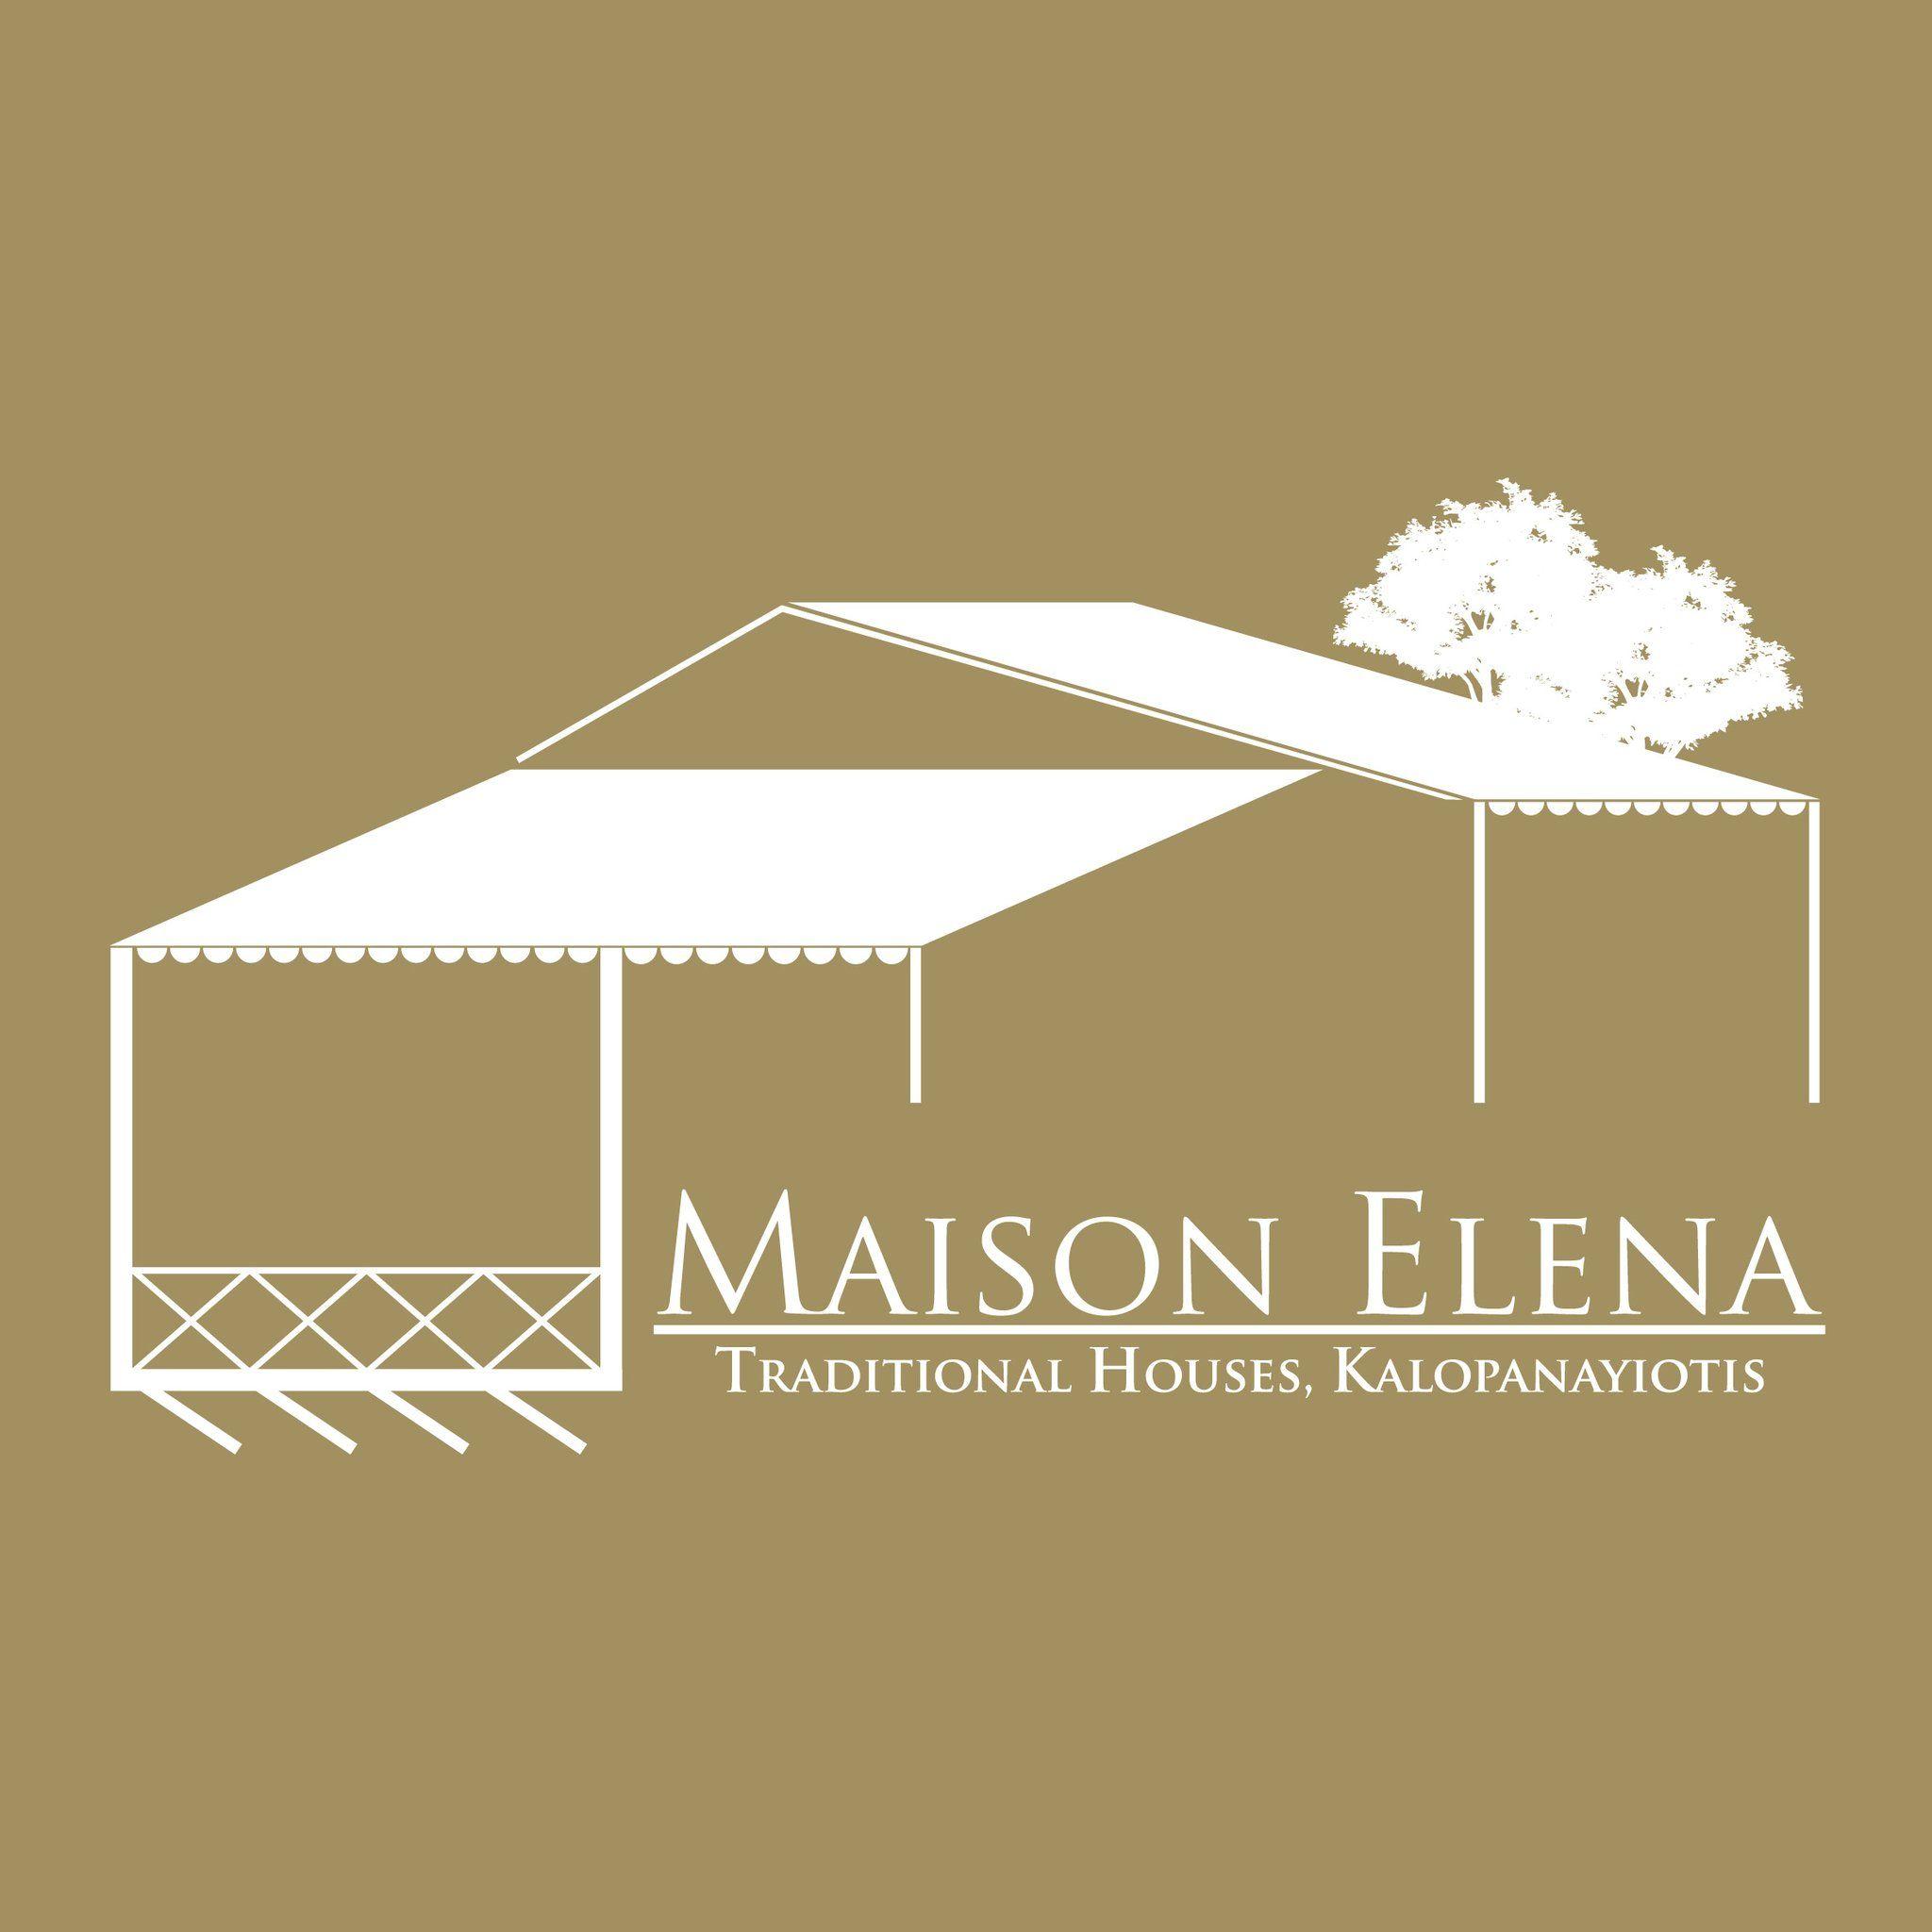 Maison Elena